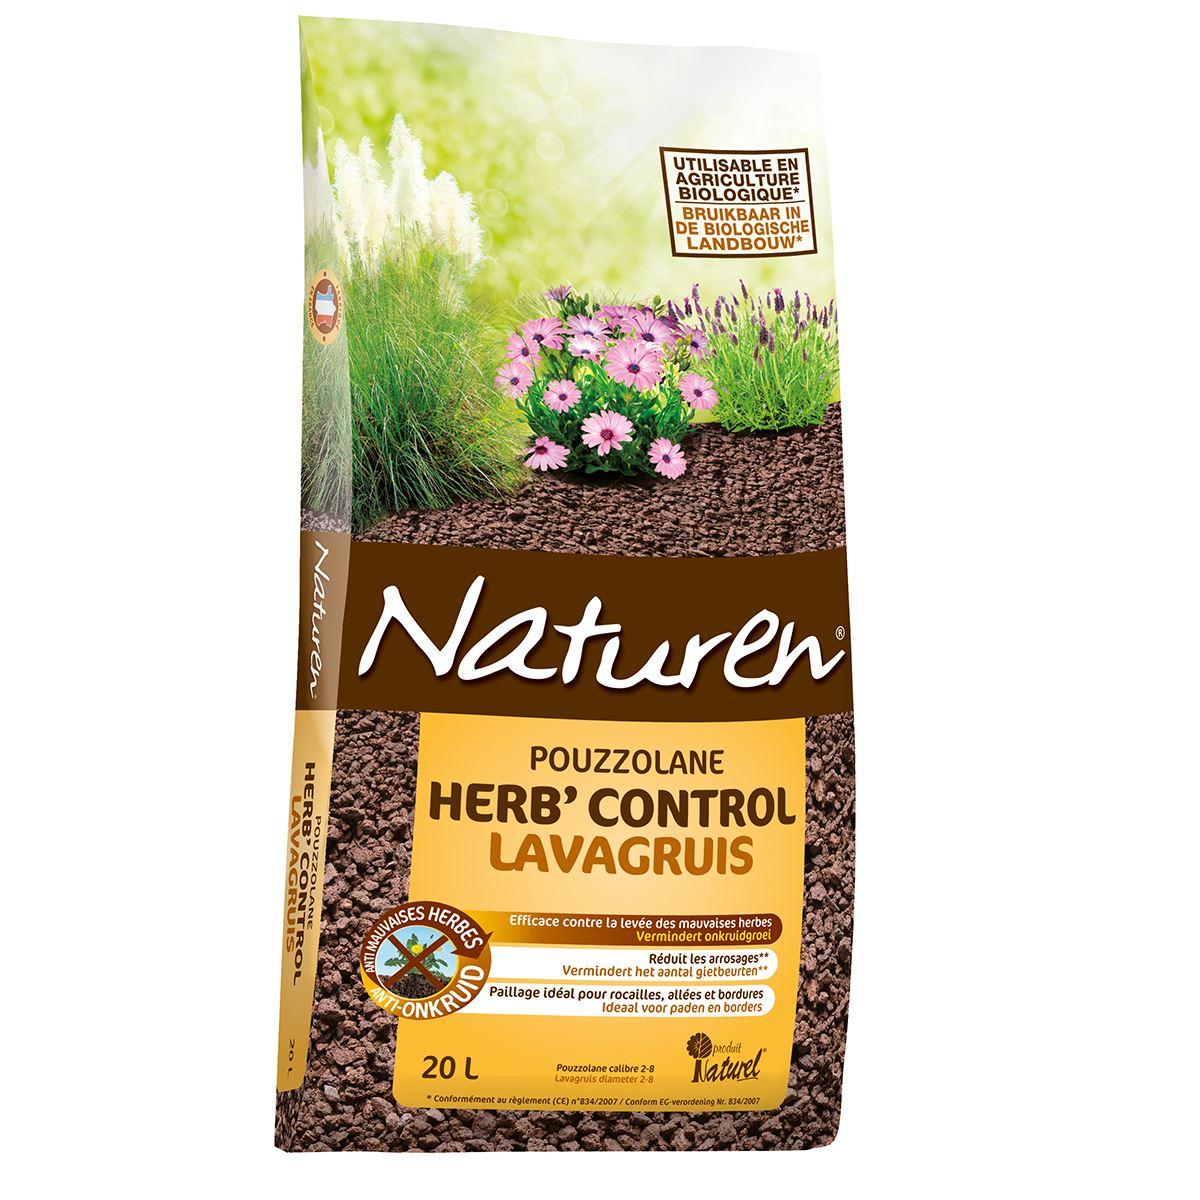 Naturen-Herb-Control-Lavagruis-20L